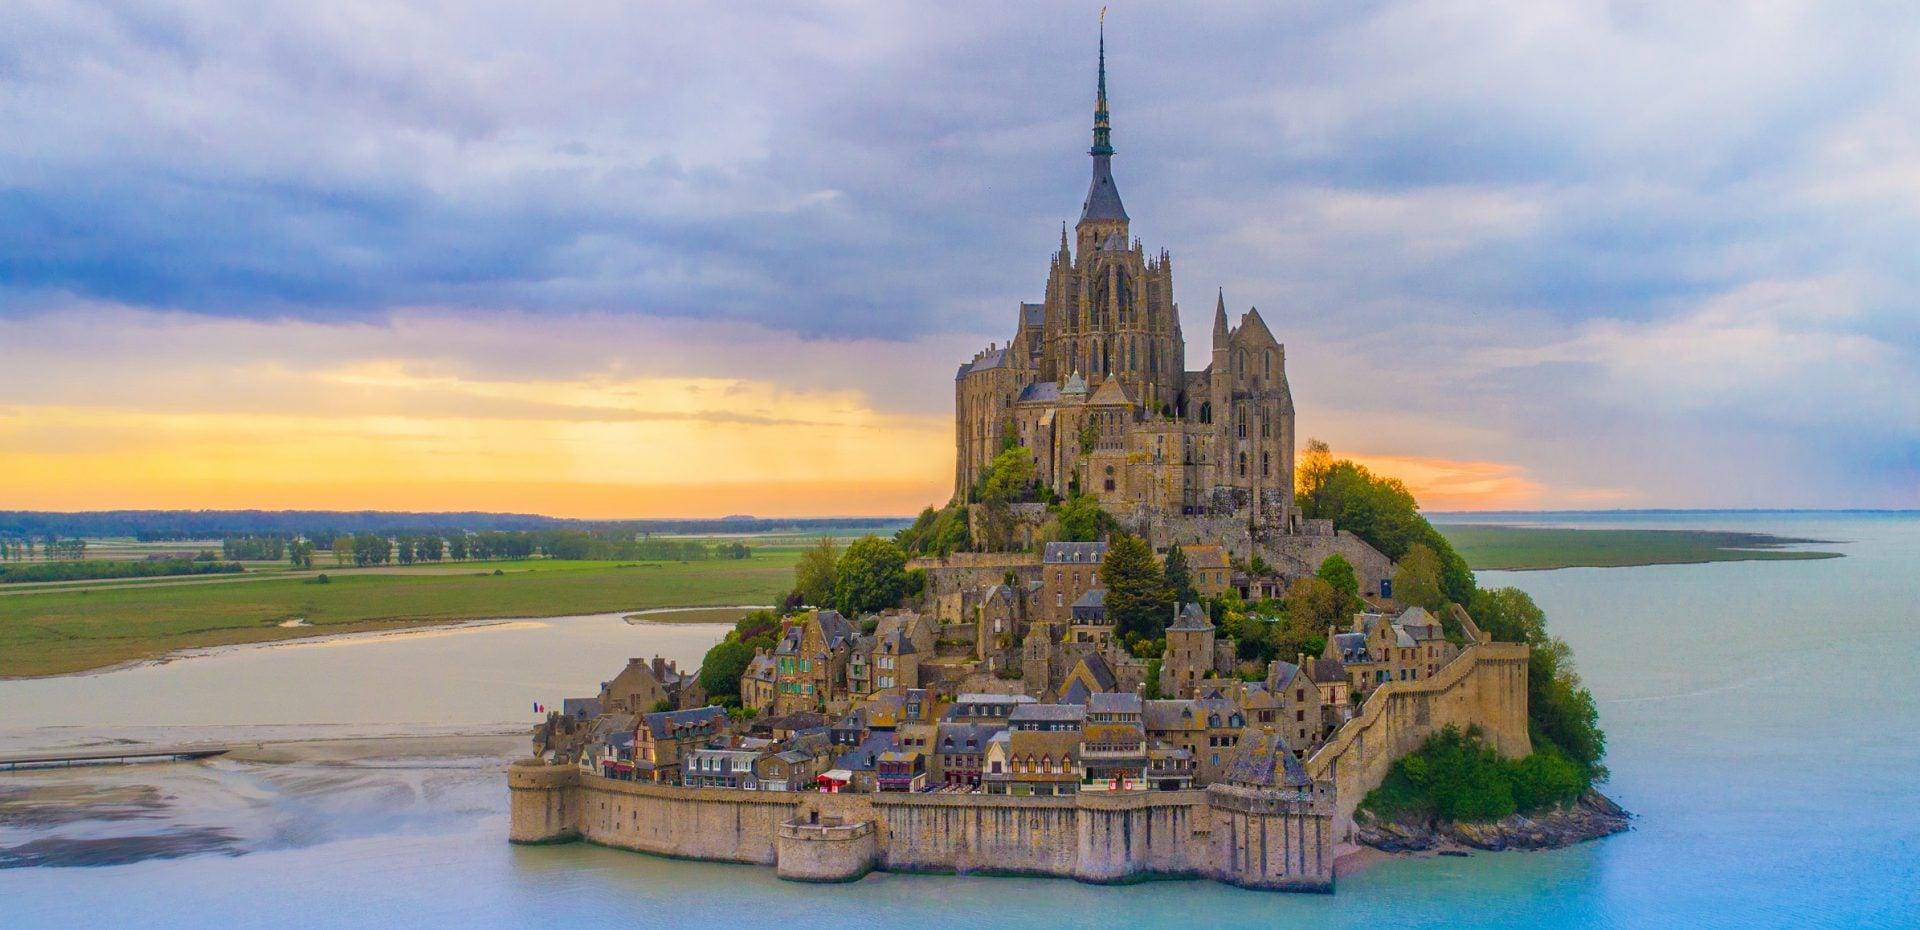 قلعههای قرون وسطای اروپا